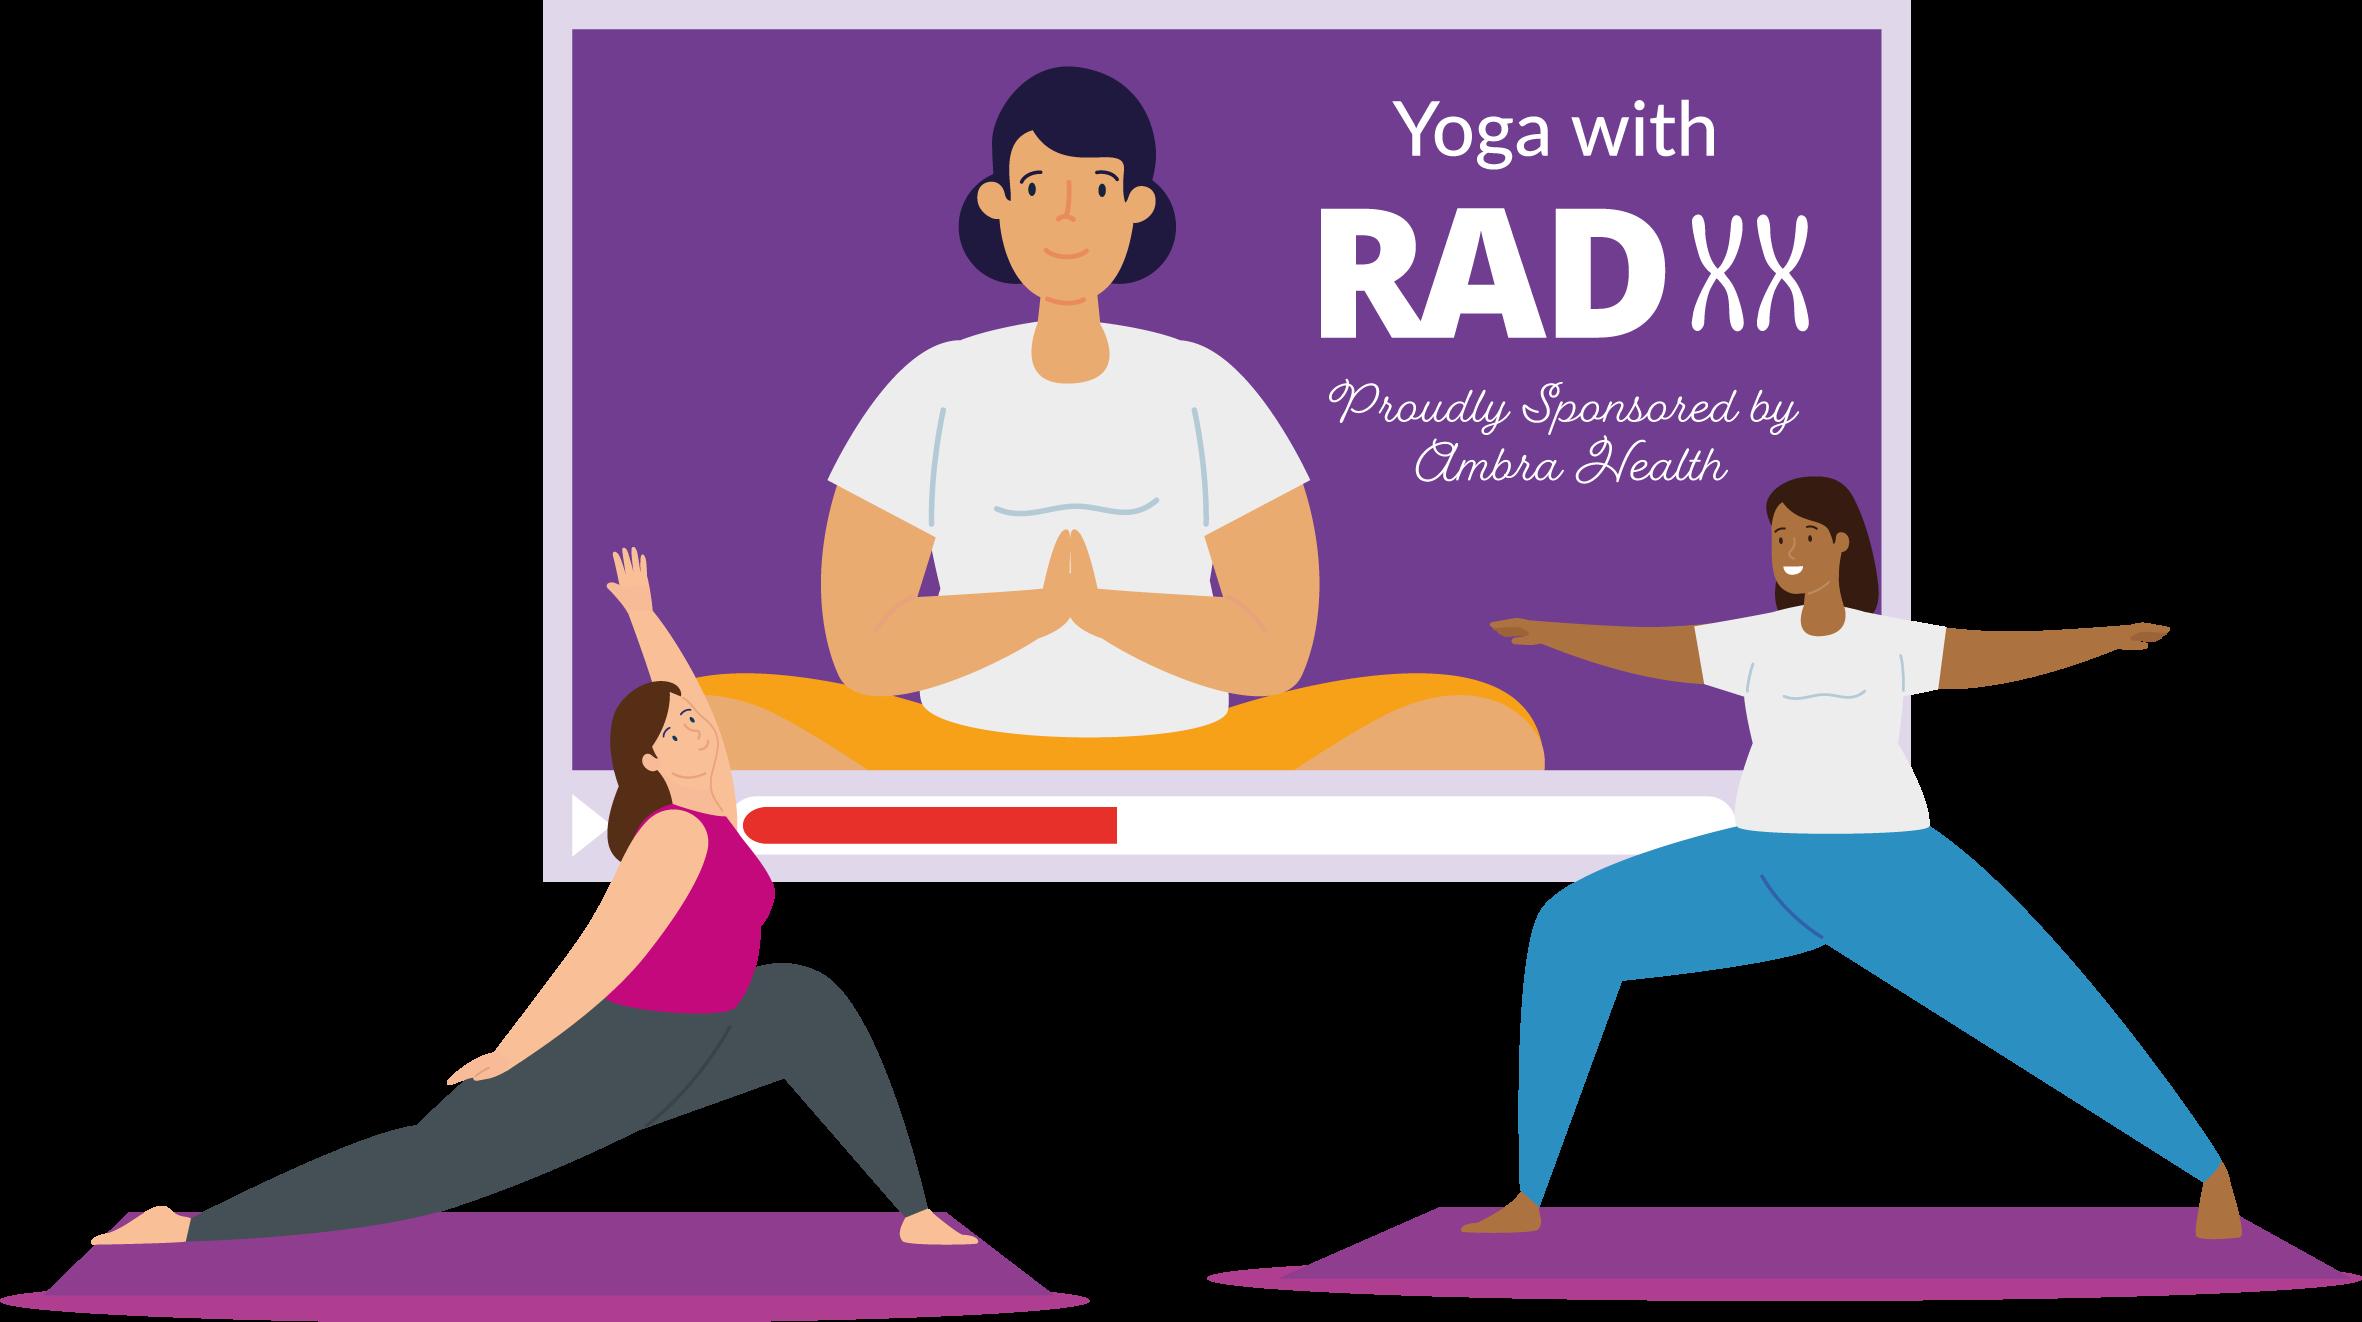 Yoga with RADxx